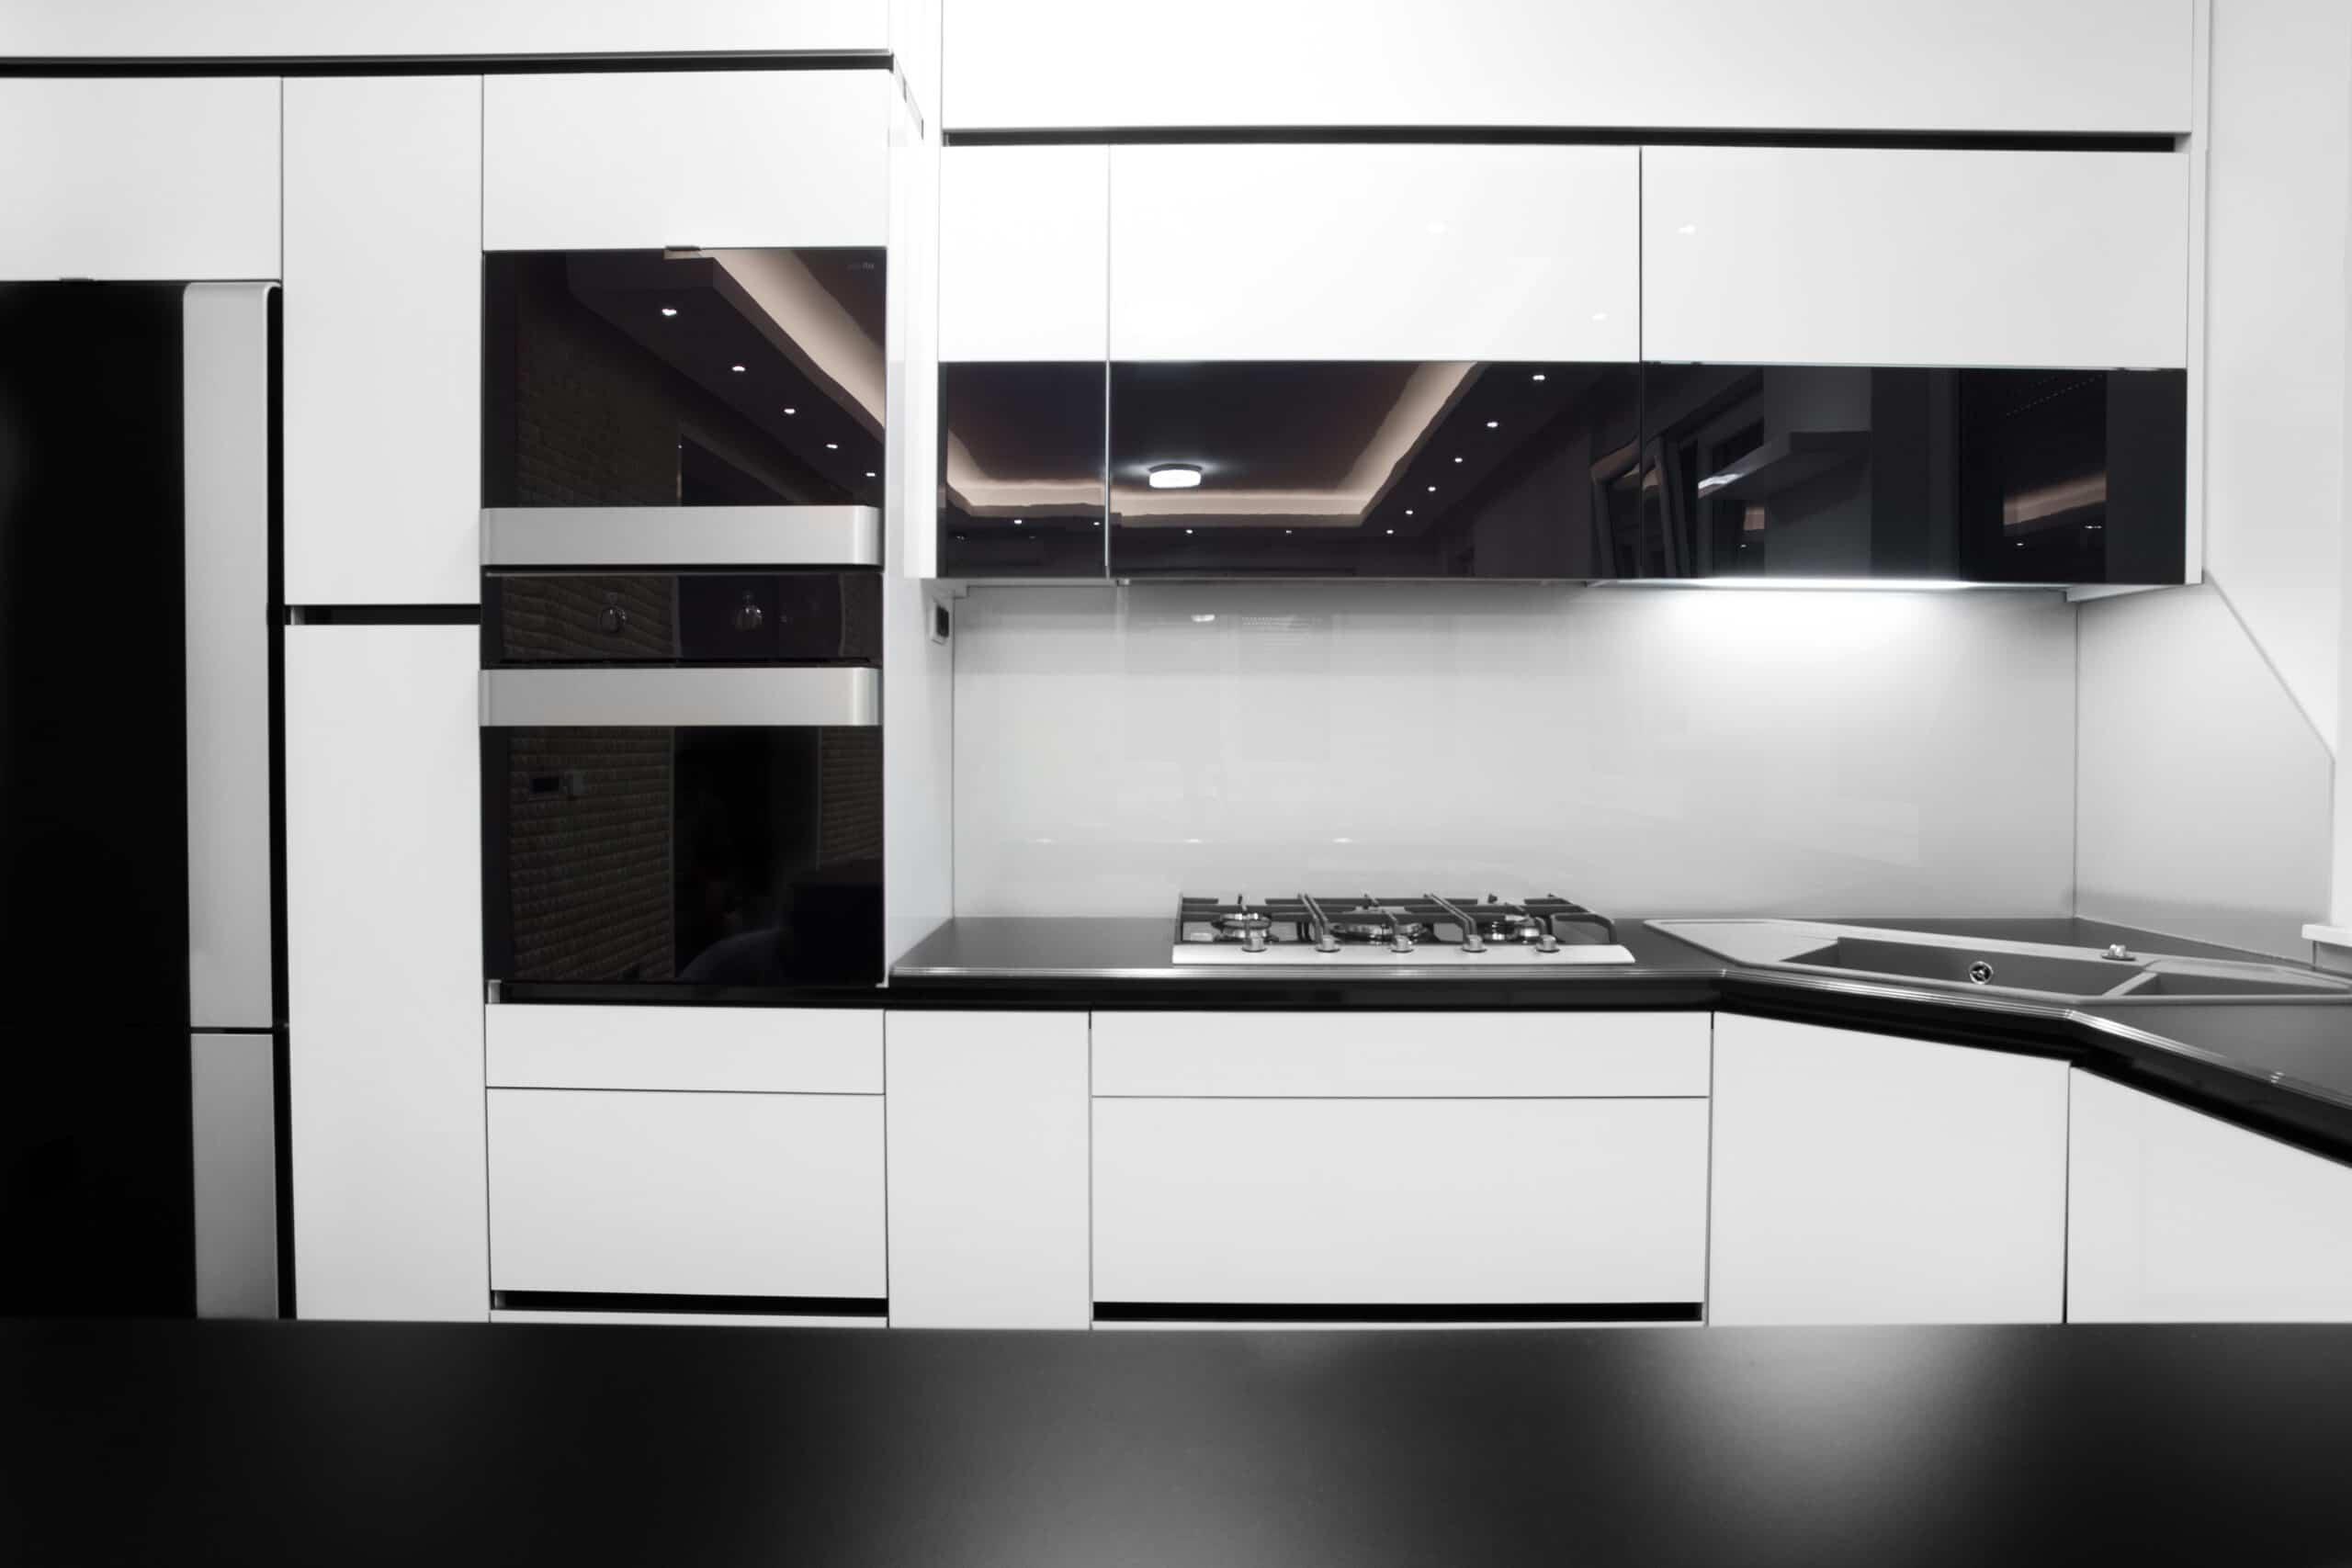 מטבחים מעץ אנשי שיווק המטבחים מבינים טוב את הבעיה עם רצון לתת שירות טוב ומקצועי שיודעים להתאים מטבחים מתאימים לכל לקוח במקביל להפעלת המקרר והתנור ללקוח במטבח שלו